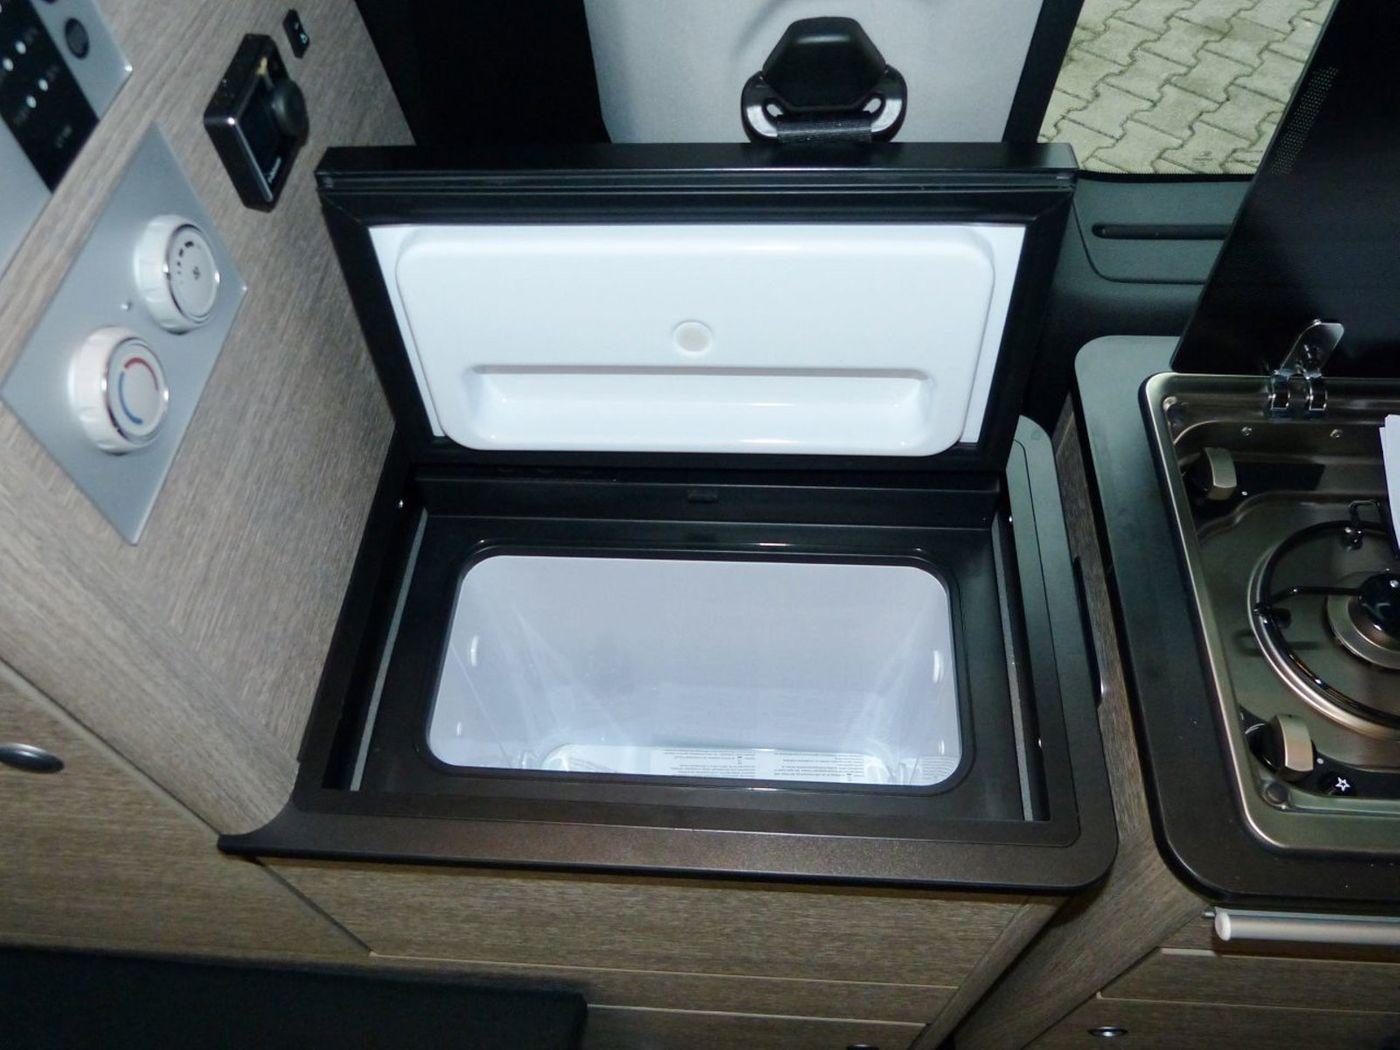 Outdoorküche Klappbar Neu : Outdoorküche klappbar neu outdoor küche camper grillomobil meine